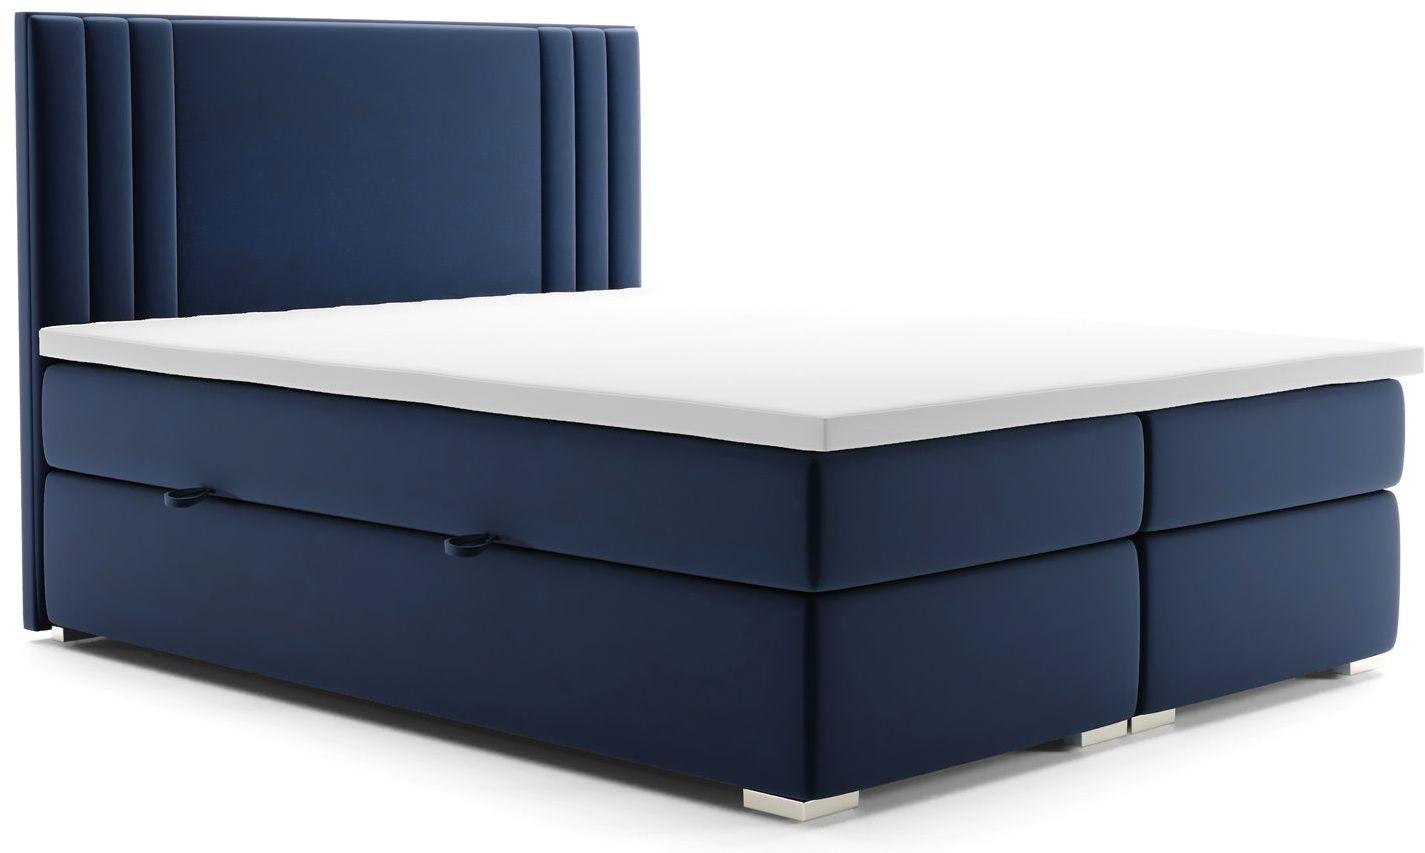 Podwójne łóżko kontynentalne Felippe 160x200 - 58 kolorów